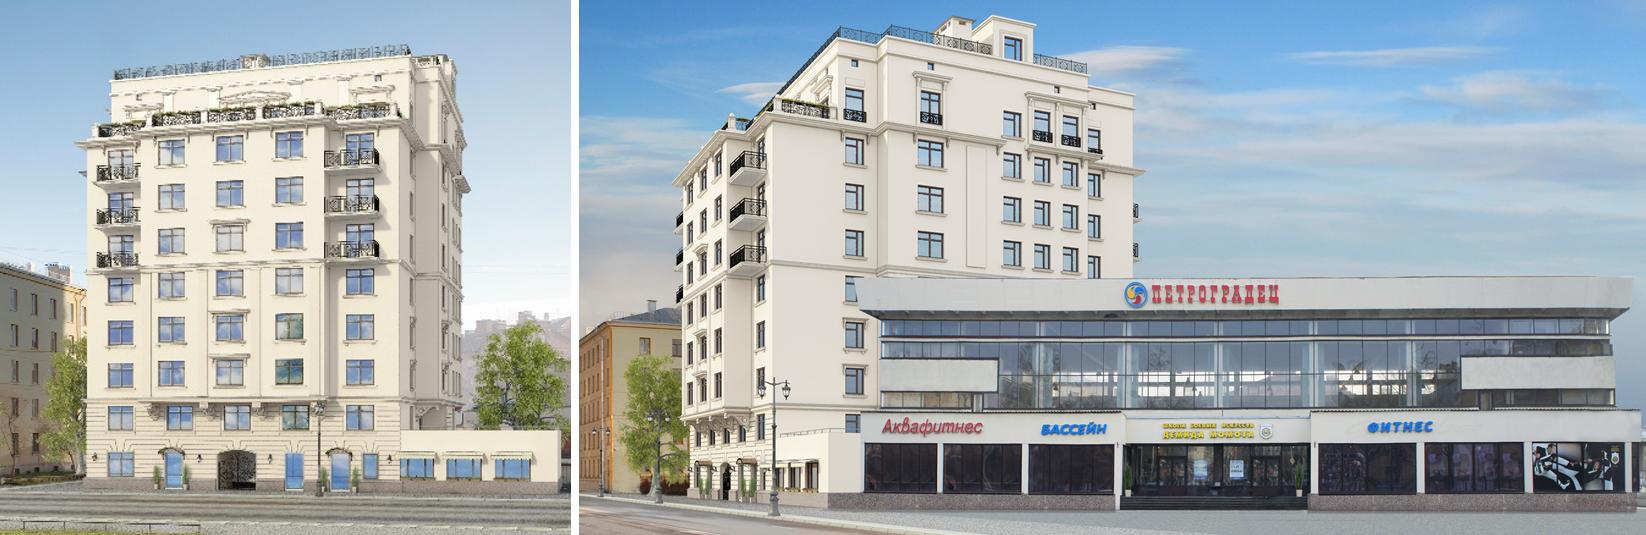 Клубный дом «Петроградец» получил аккредитацию банка ОАО «Сбербанк России»